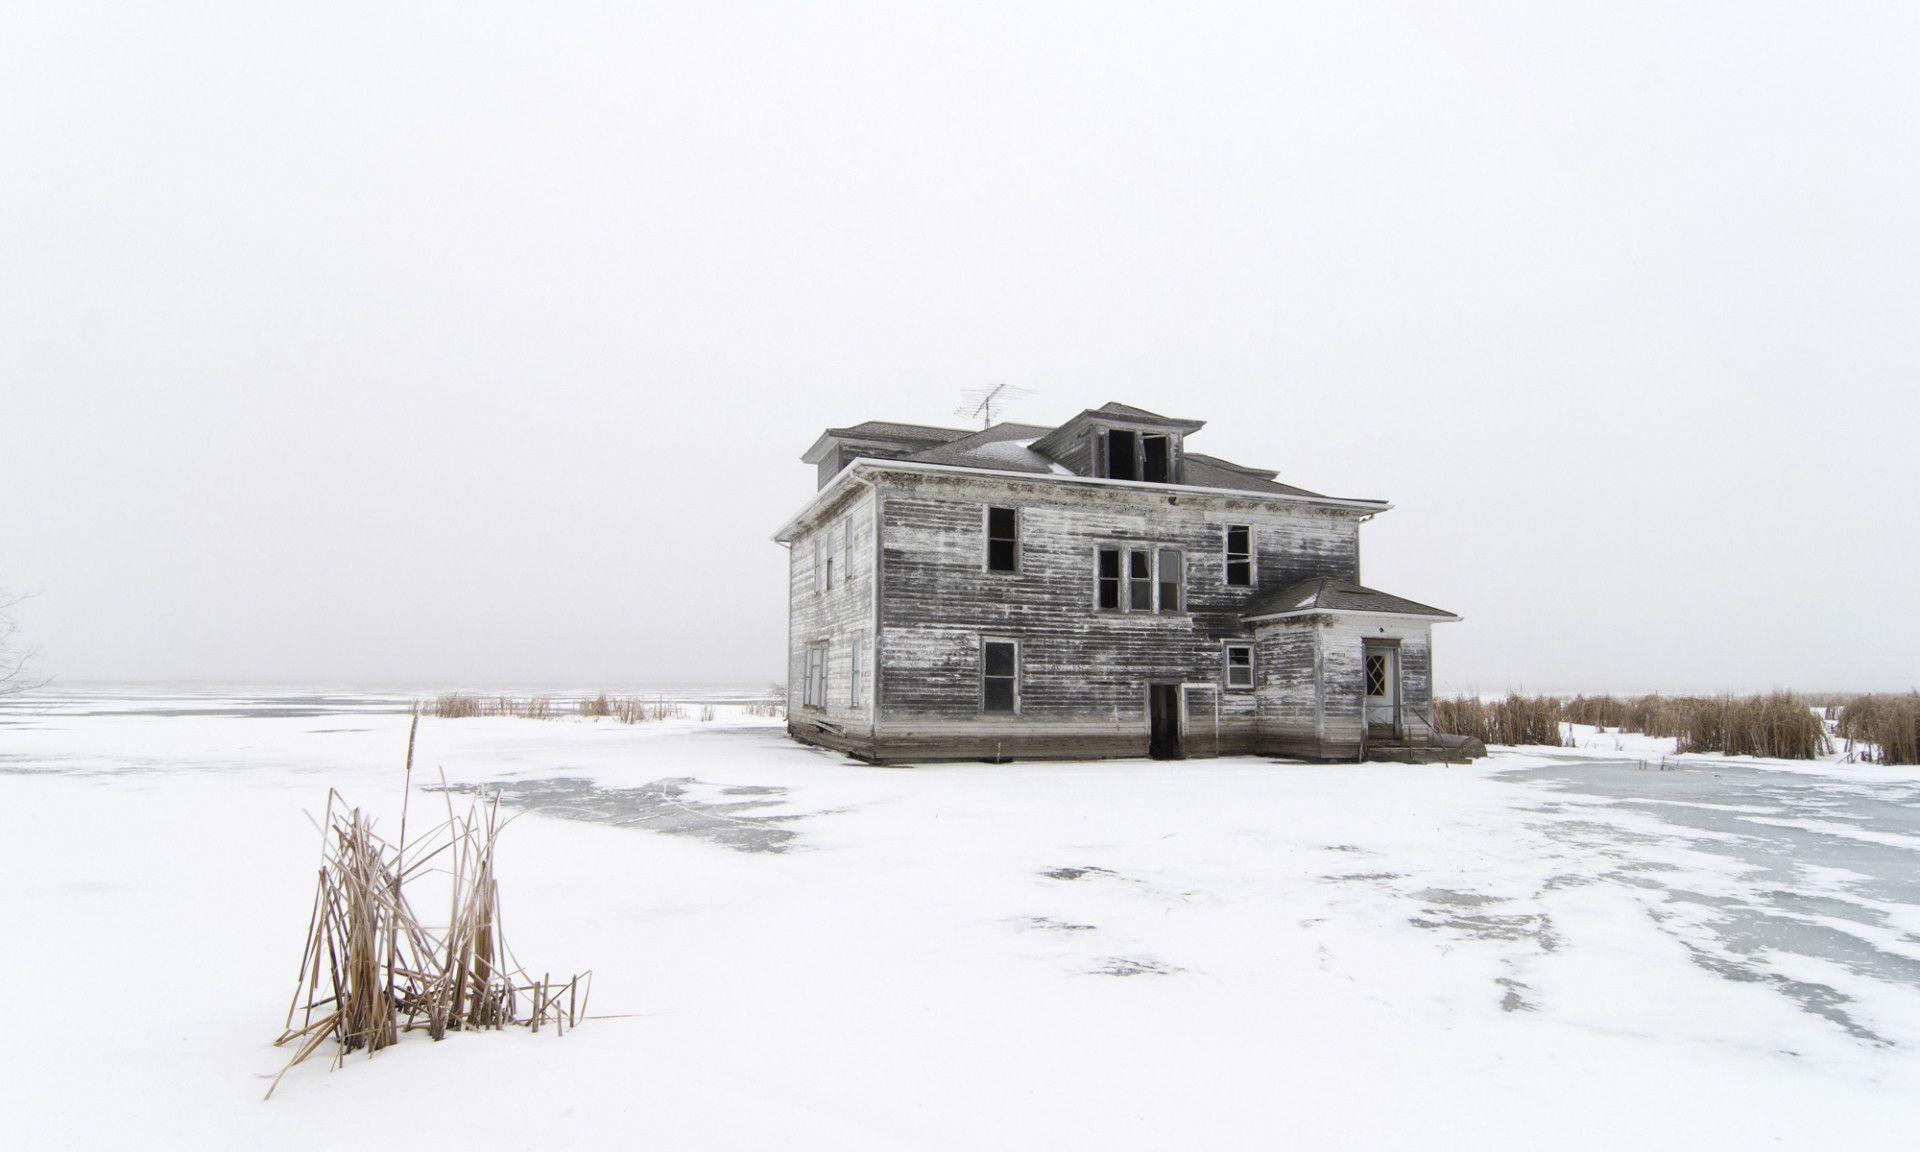 美国有片魔鬼湖,20年水位上升11米,如今遍布人类遗迹